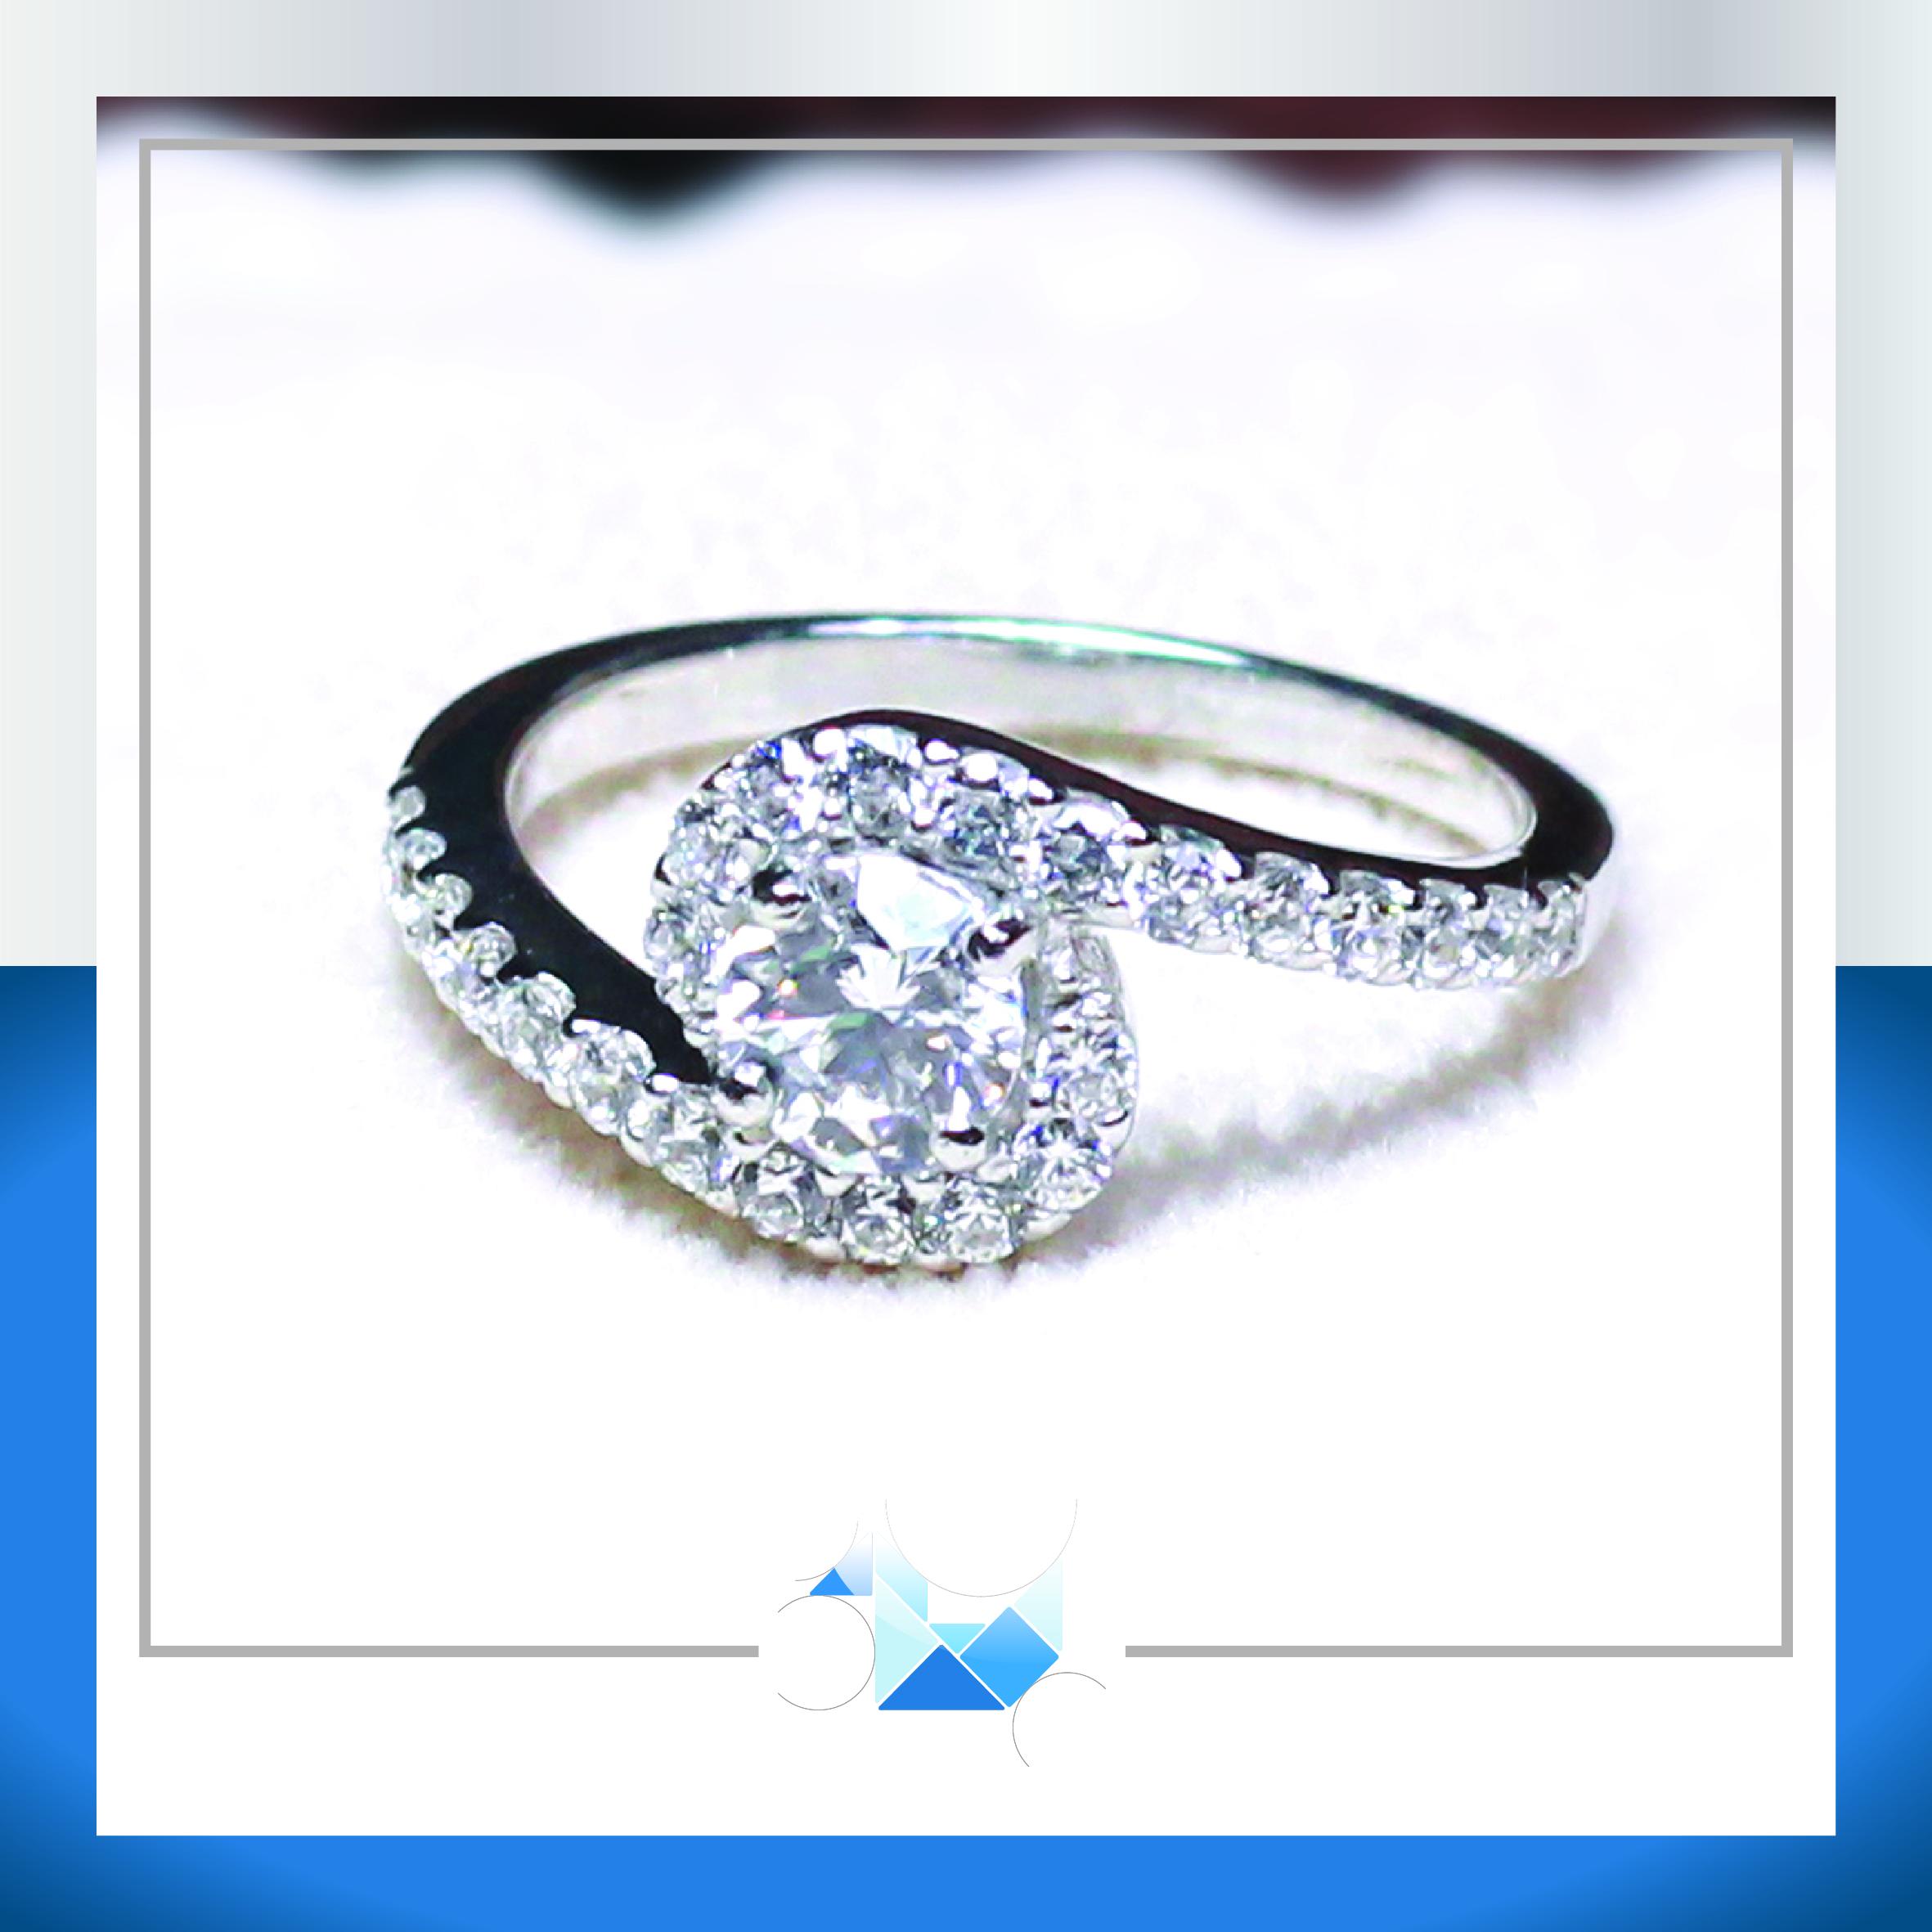 แหวนเงินแท้ เพชรสังเคราะห์ ชุบทองคำขาว รุ่น RG1481